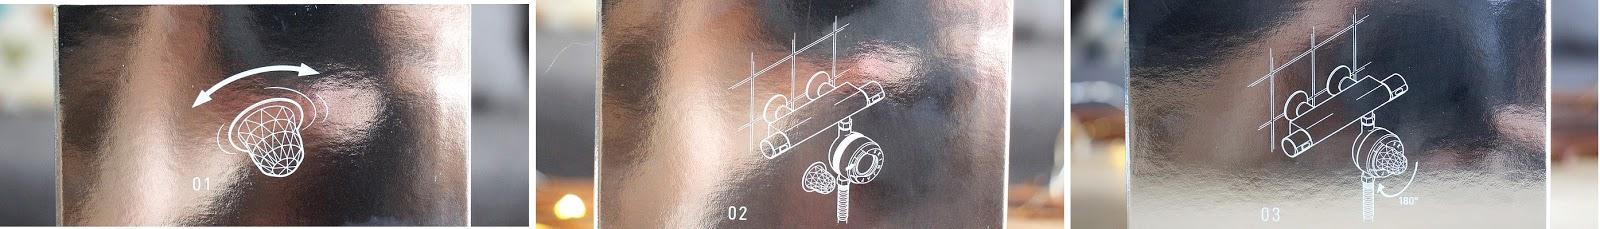 revue beauté capsule huile essentielle douche et bain